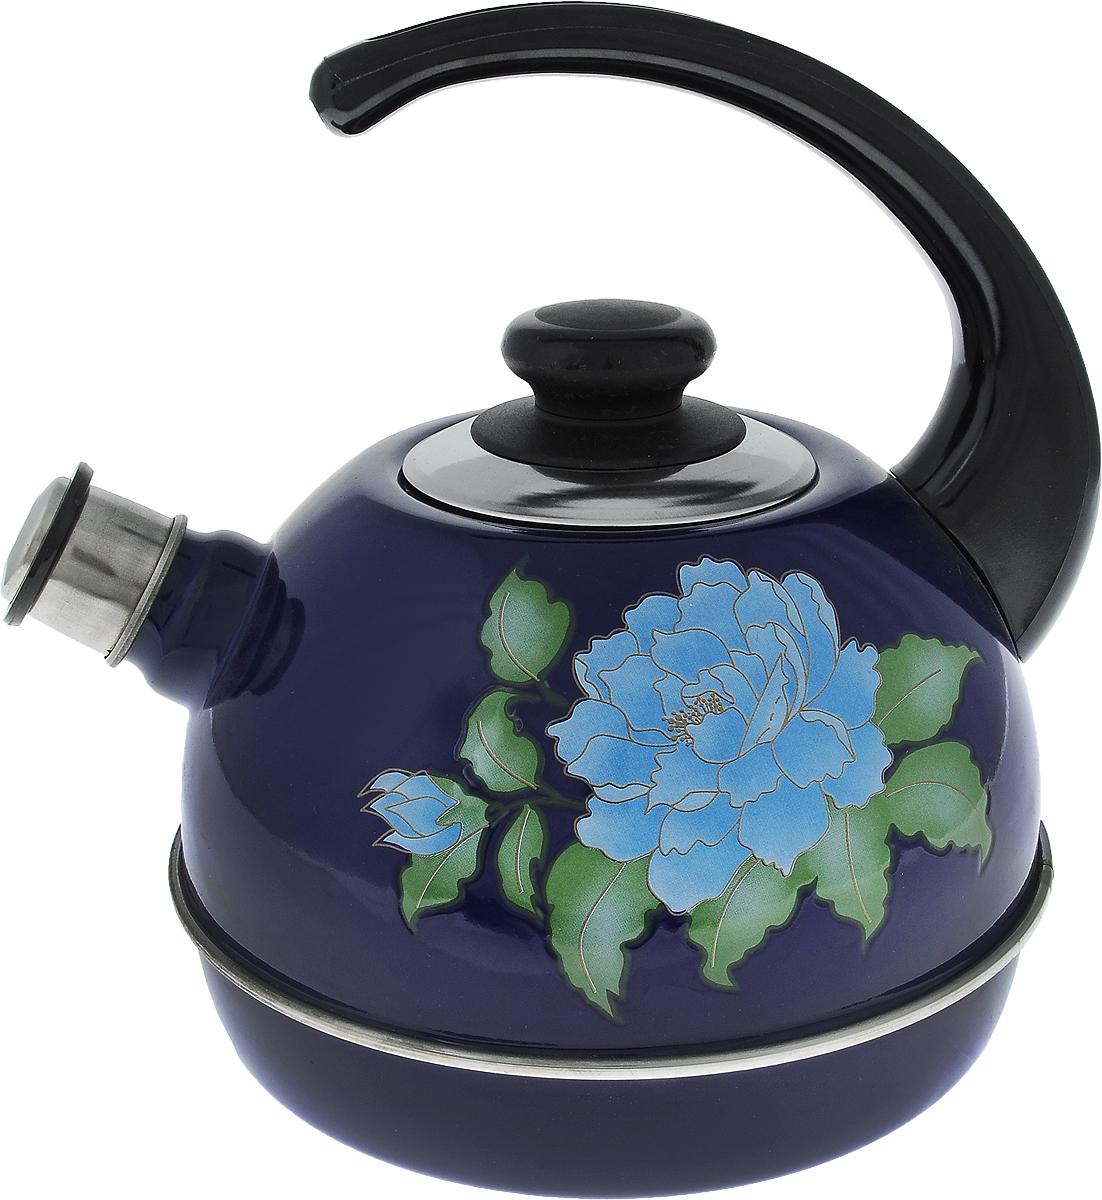 Чайник Рубин, со свистком, цвет: синий, голубой, зеленый, 3,5 лT04/35/05/13Чайник Рубин выполнен из высококачественной стали, что обеспечивает долговечность использования. Внешнее цветное эмалевое покрытие придает приятный внешний вид. Пластиковая фиксированная ручка делает использование чайника очень удобным и безопасным. Чайник снабжен съемным свистком. Можно мыть в посудомоечной машине. Пригоден для всех видов плит, включая индукционные. Высота чайника (без учета крышки и ручки): 14 см. Диаметр основания: 19 см.